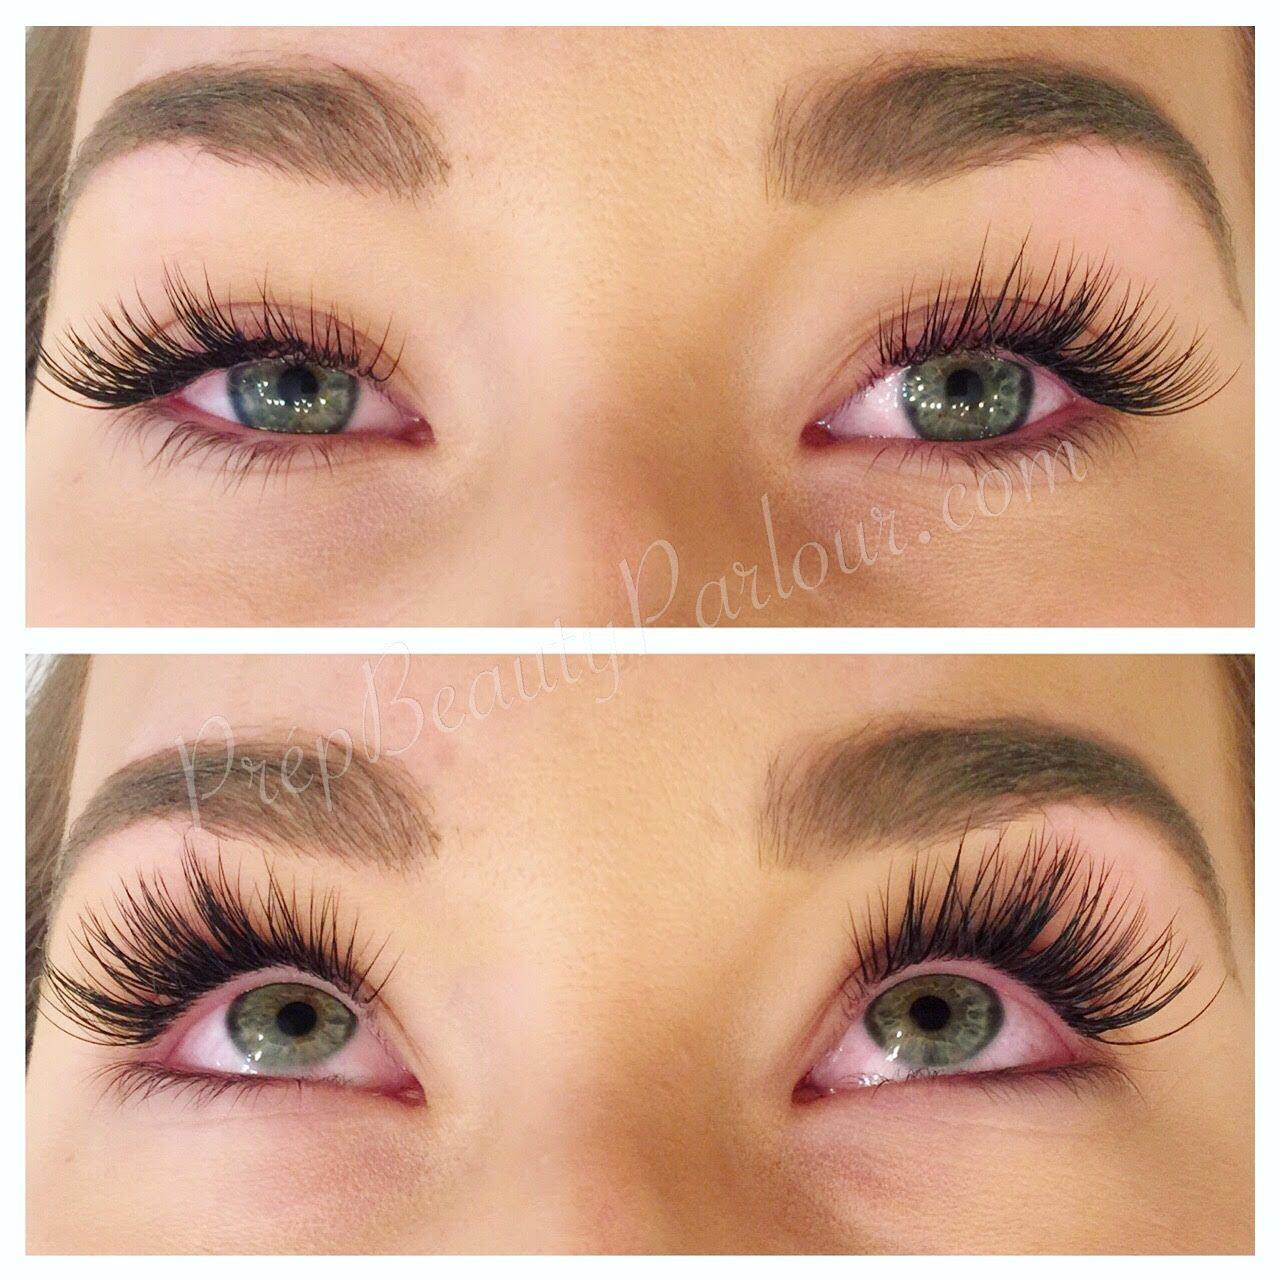 greeneyes | Eyelash extensions, Eyelashes, Beautiful eyelashes